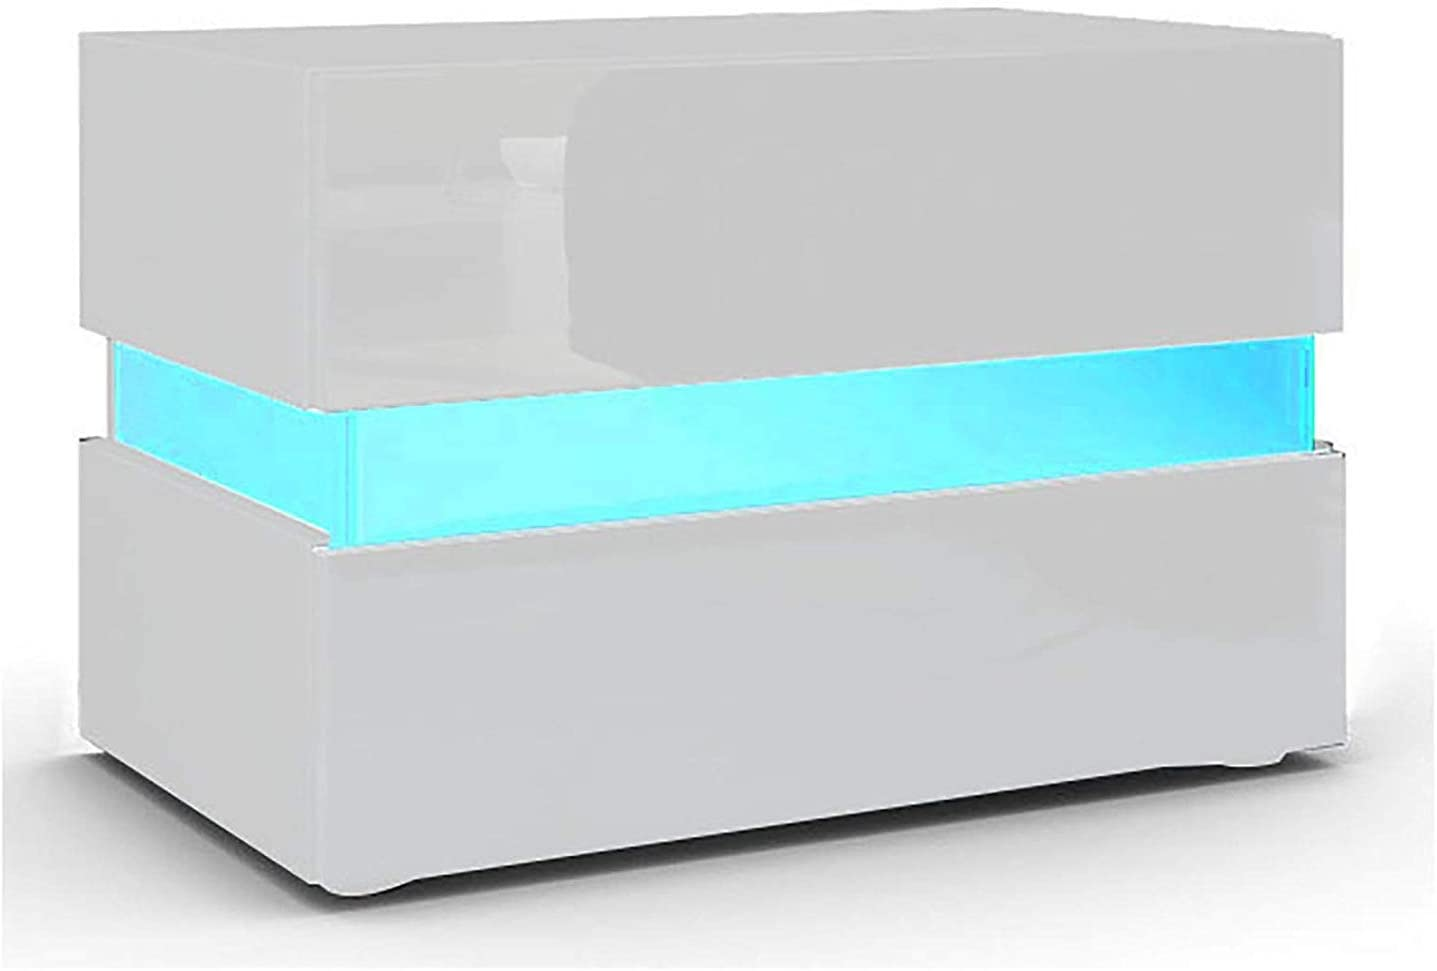 Wei/ß // 45x35x52 LED Beleuchtung f/ür Schlafzimmer//Wohnzimmer YOLEO Nachttisch Nachtschrank LED Nachtkommode Nachtkonsole Hochglanz//Front Kommode Schrank mit 2 Schubladen